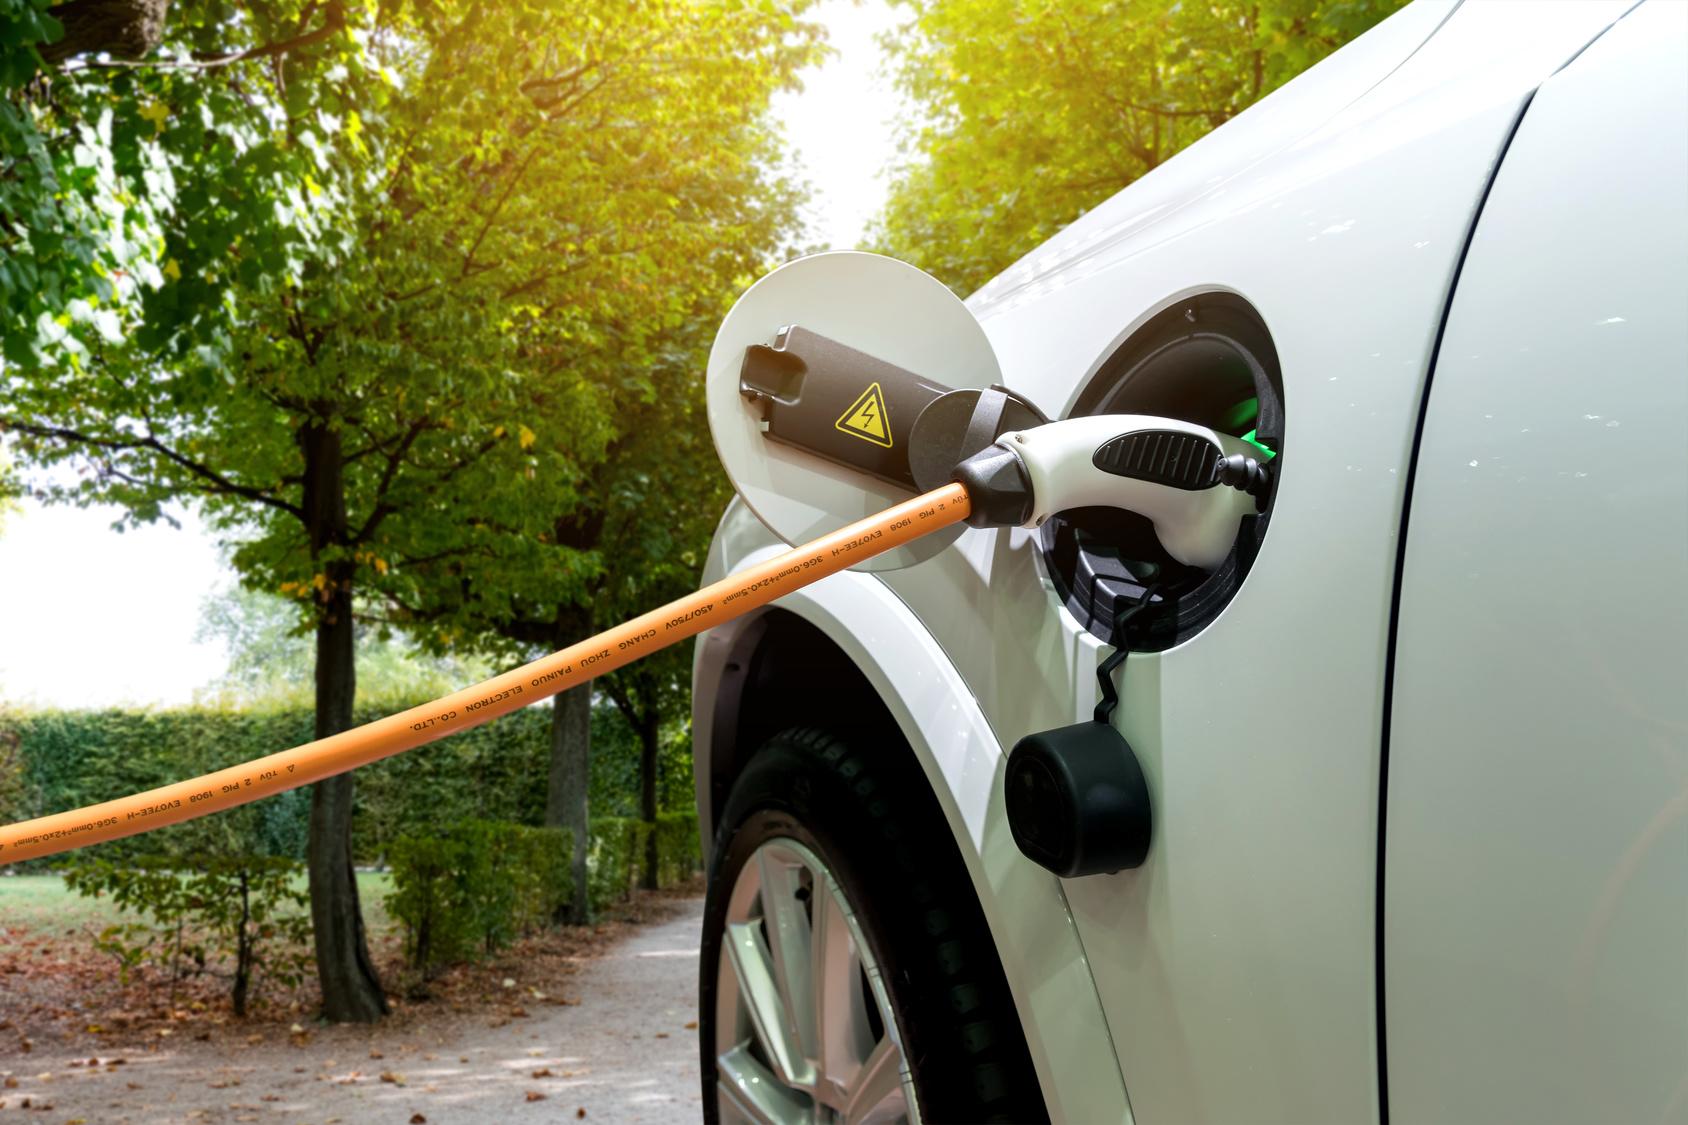 Nachhaltig fahren: So lassen sich Umwelt und Geldbeutel schonen - Auto